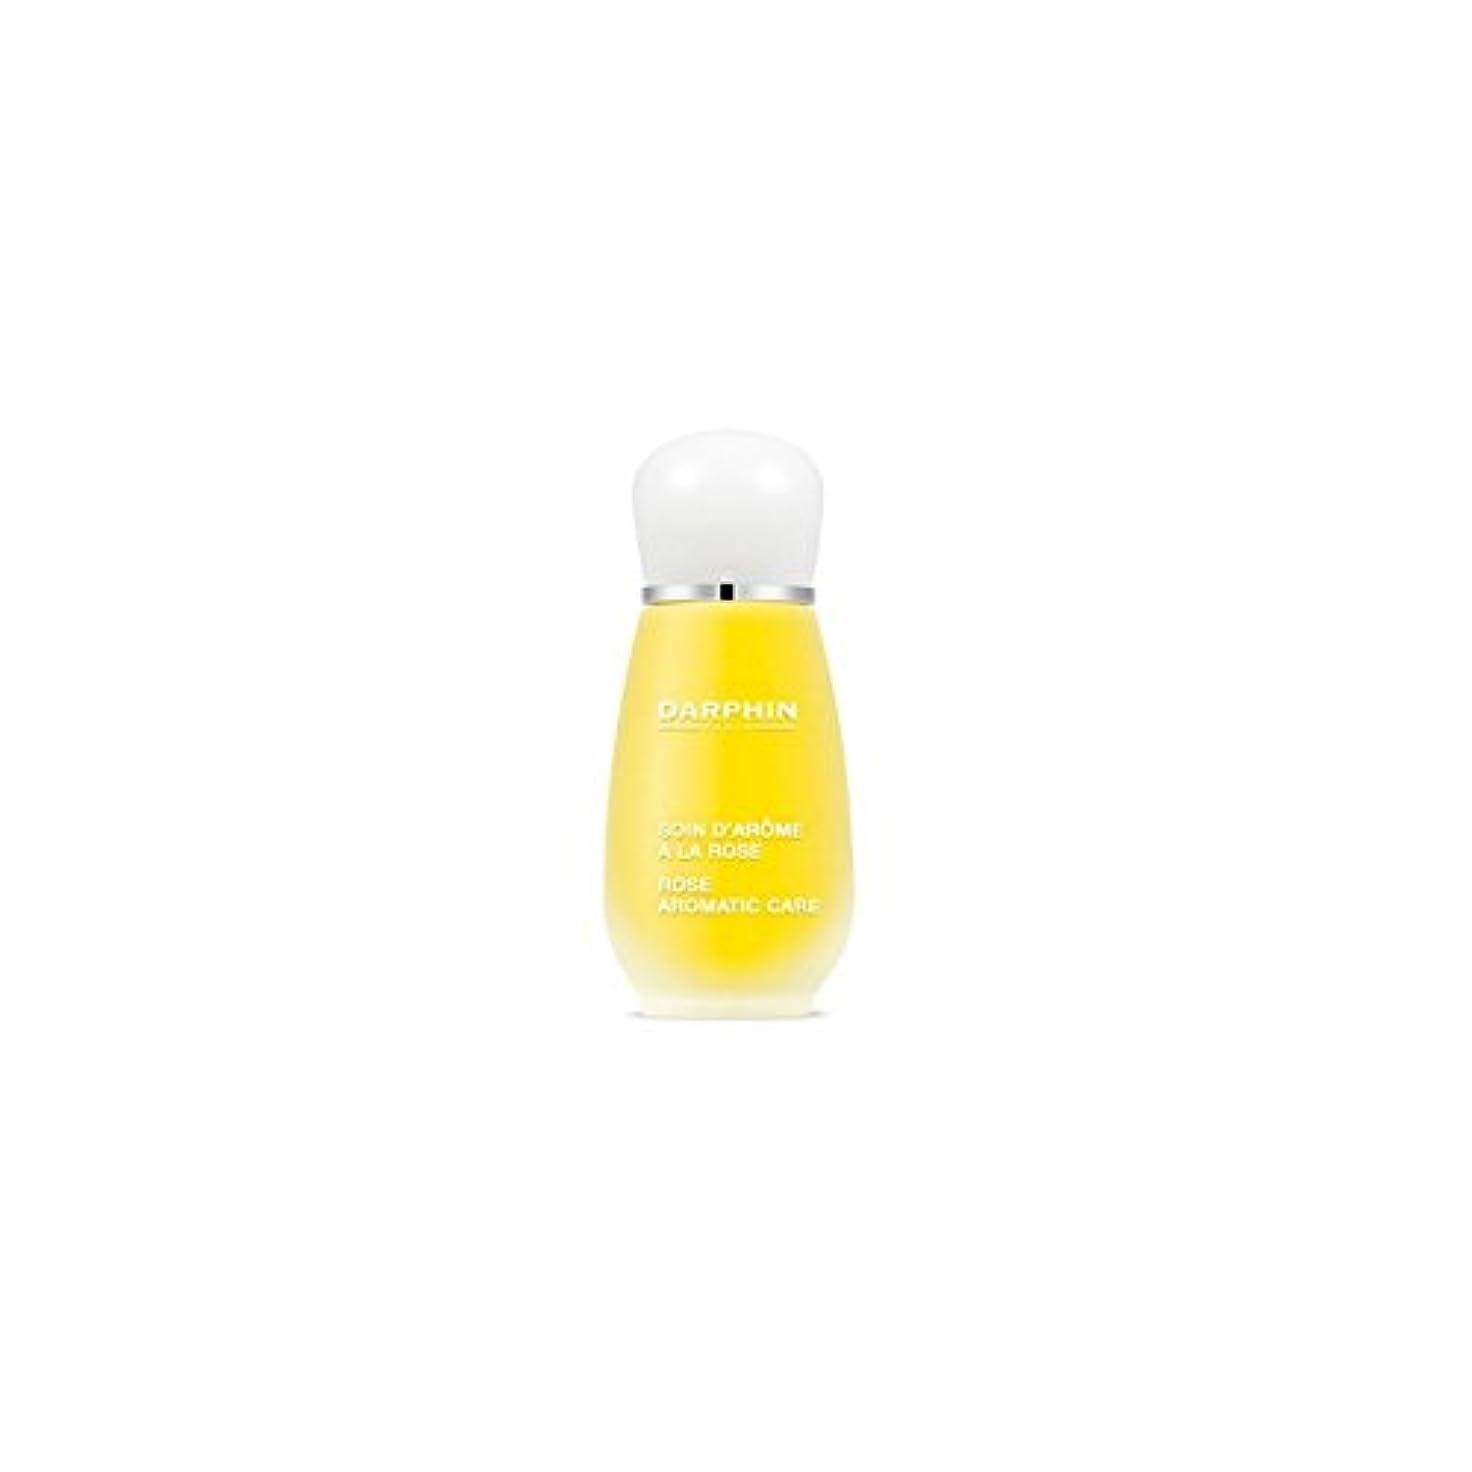 検索エンジンマーケティングカセットボトルDarphin Rose Aromatic Care (15ml) (Pack of 6) - 芳香ケア(15ミリリットル)をバラダルファン x6 [並行輸入品]